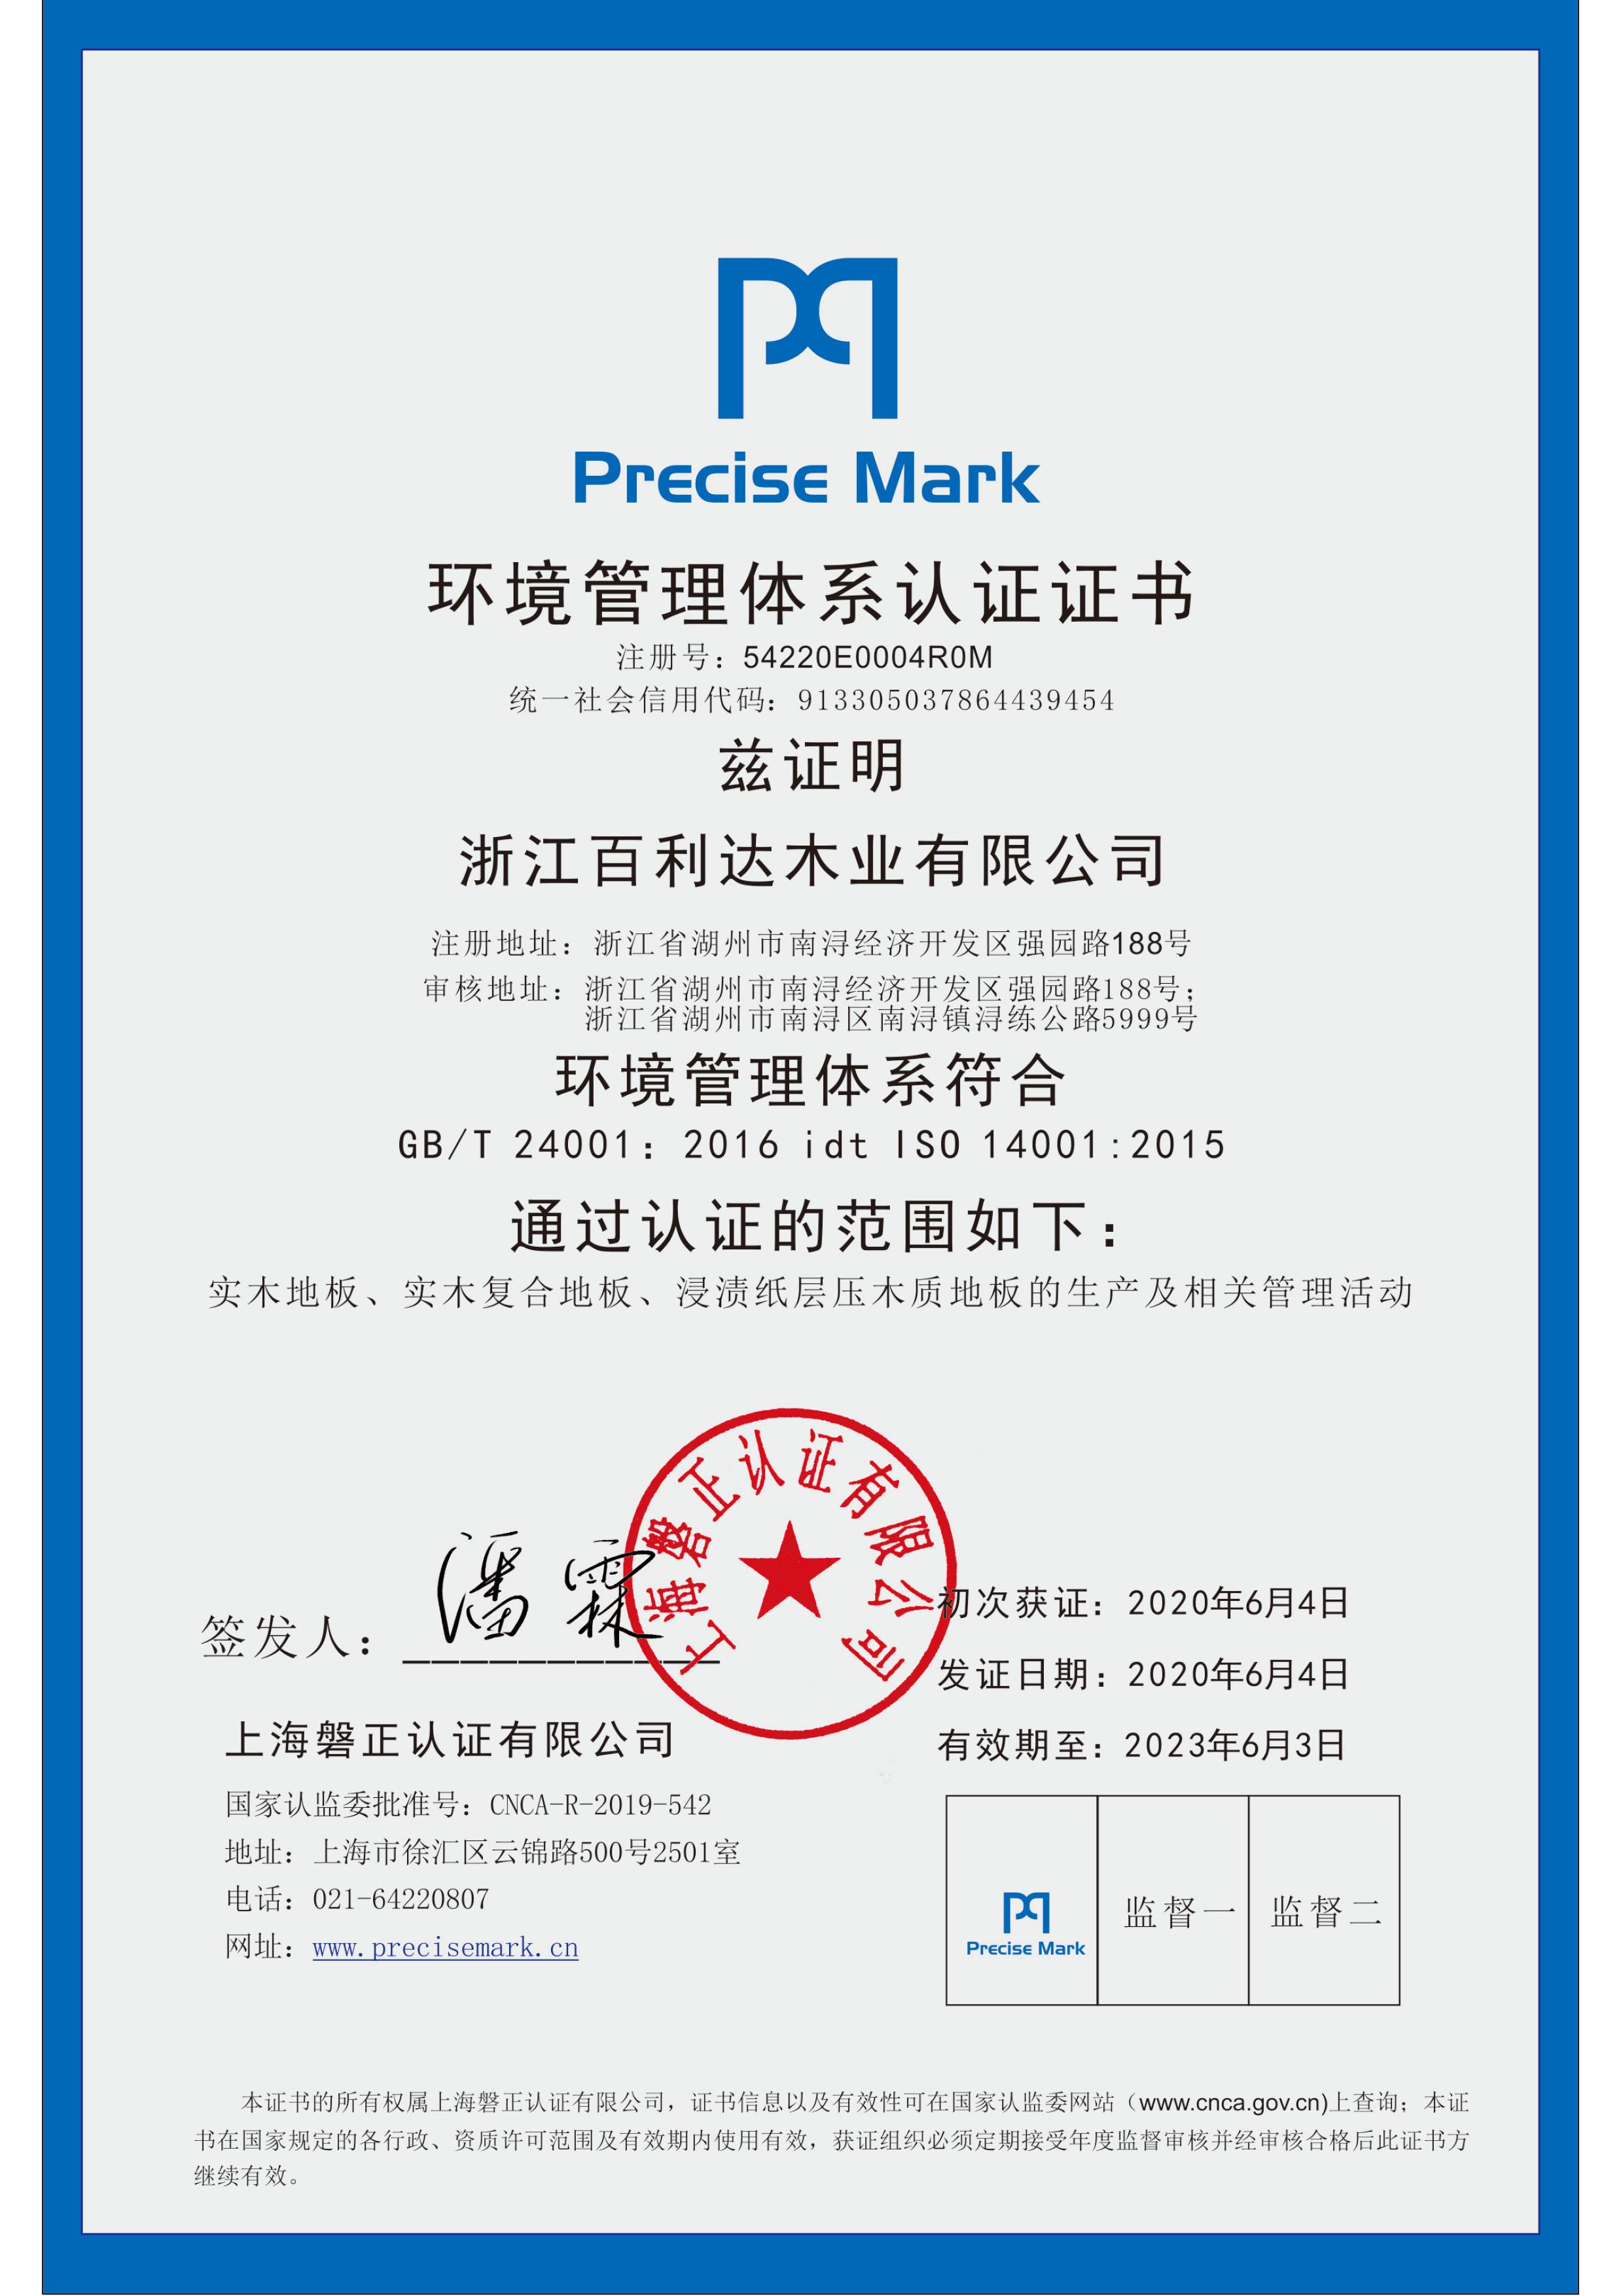 2020环境管理体系认证